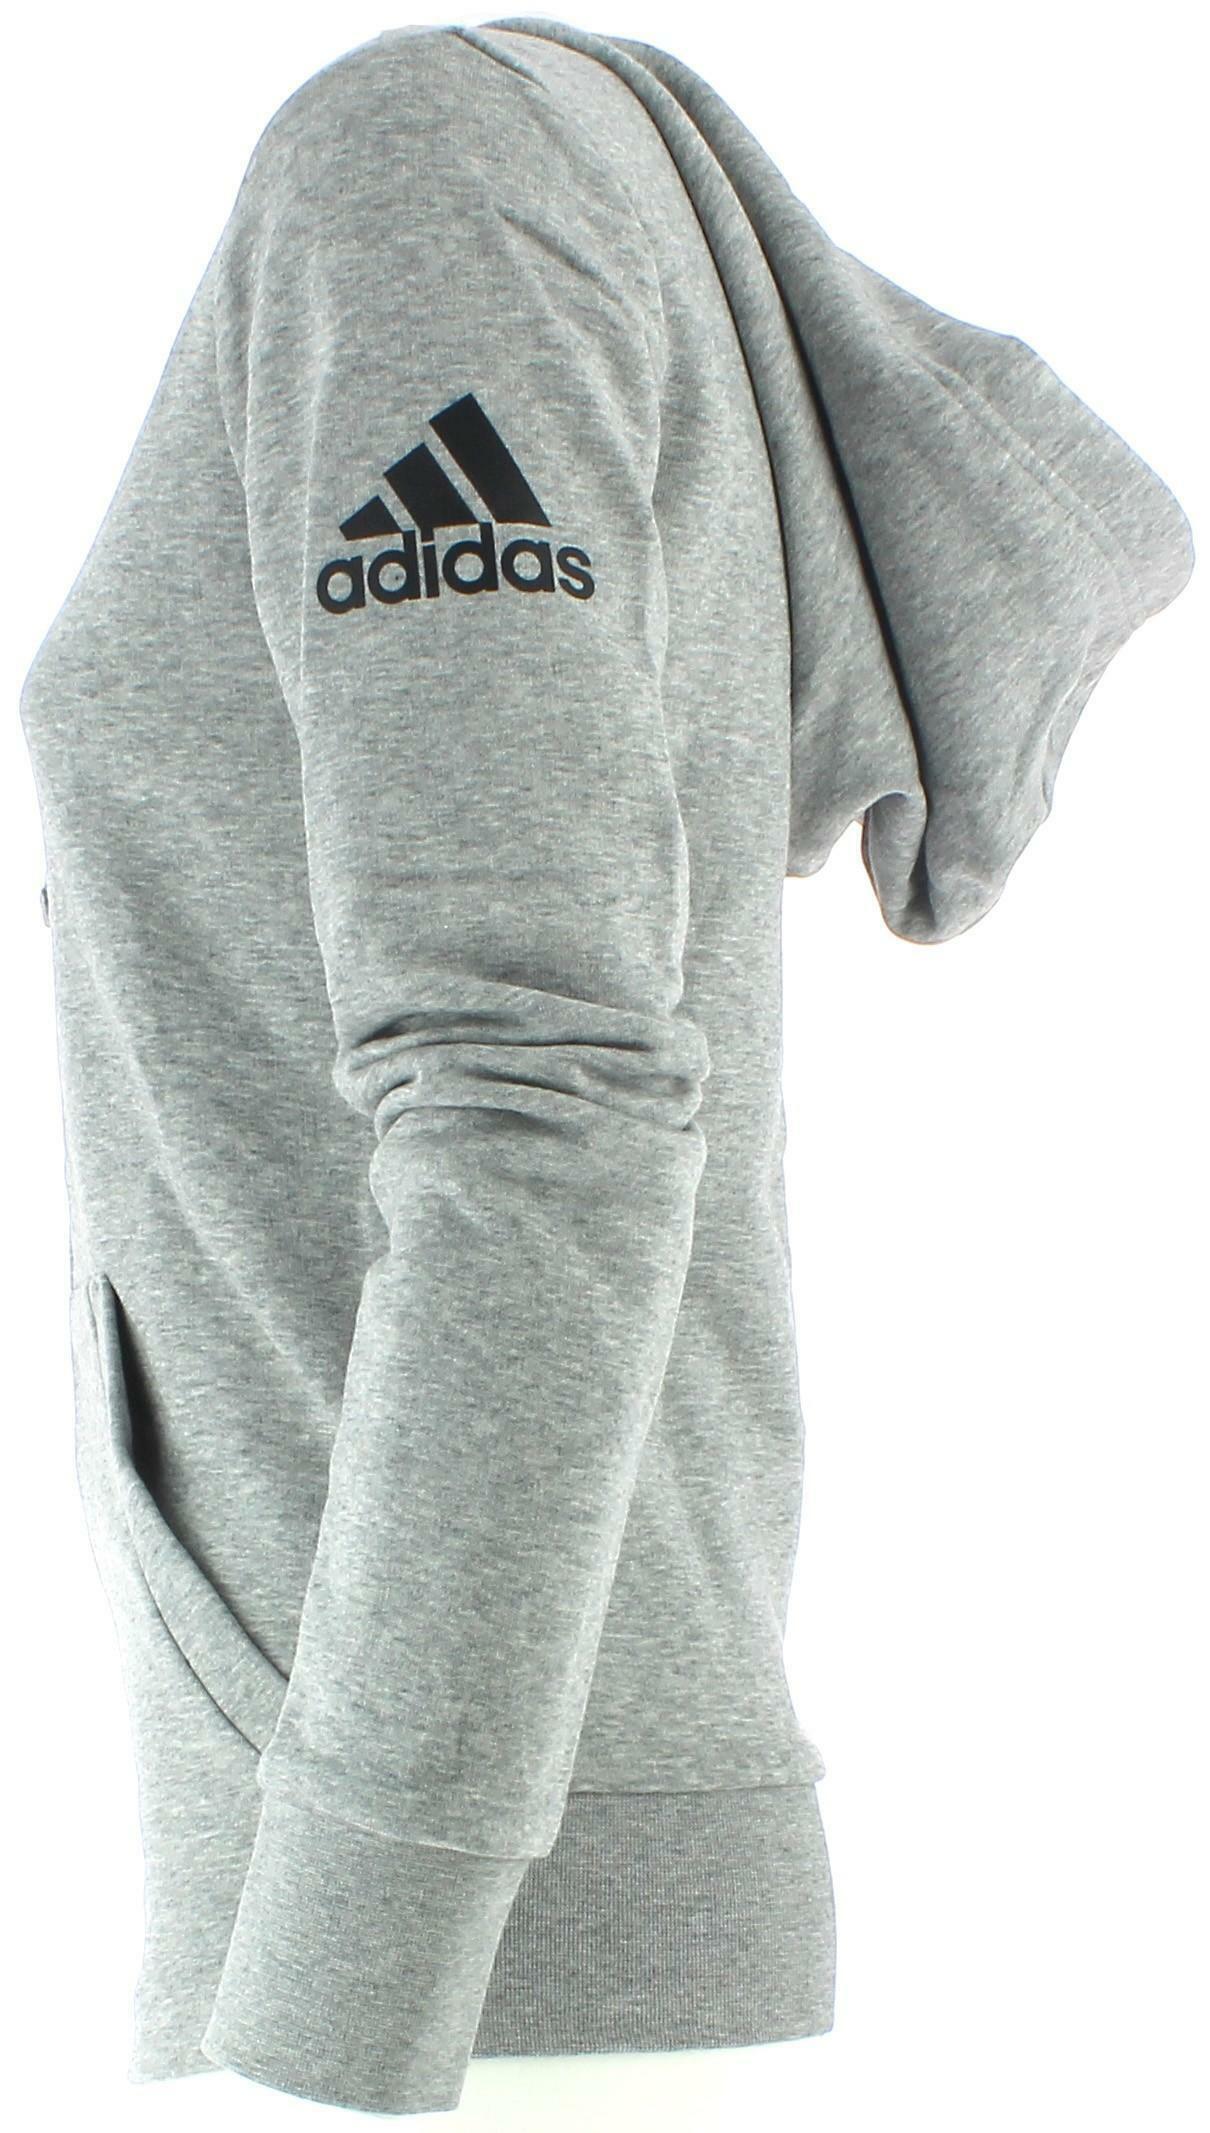 adidas solid fz felpa donna zip grigia s97086